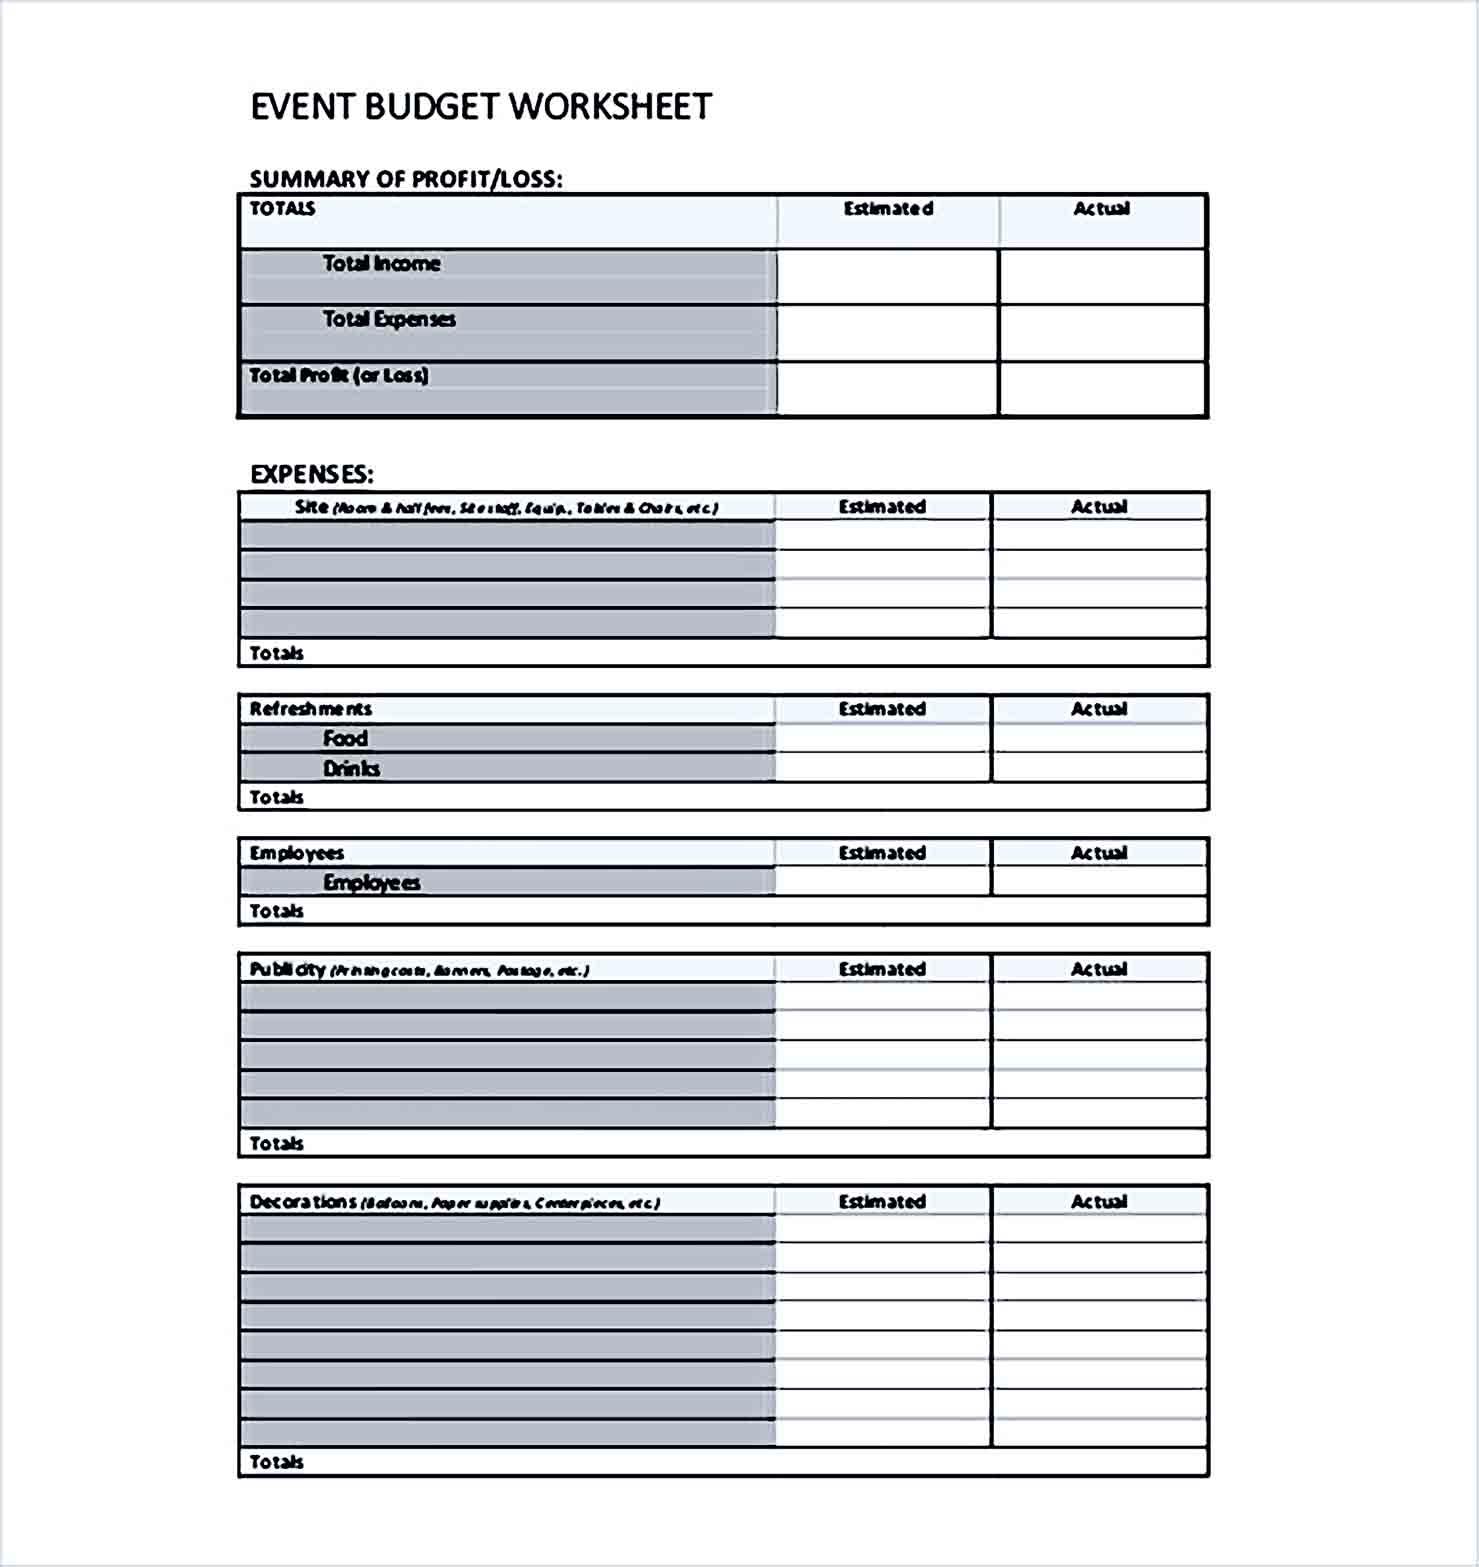 Sample Event Budget Worksheet